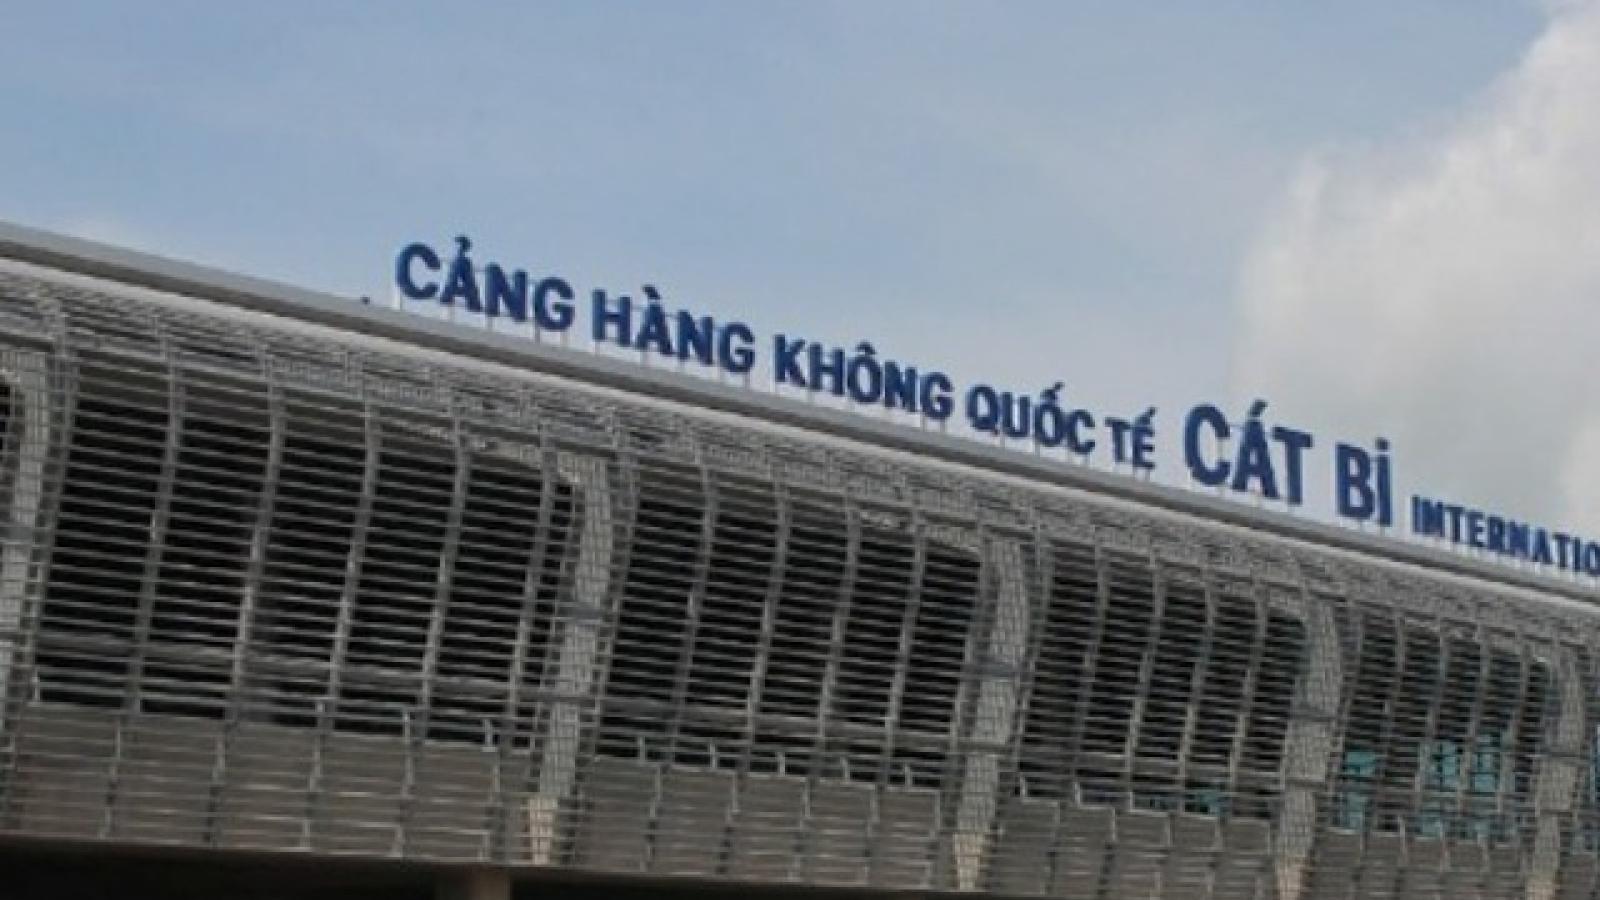 Bắt đối tượng trộm cáp điện tại sân bay Cát Bi